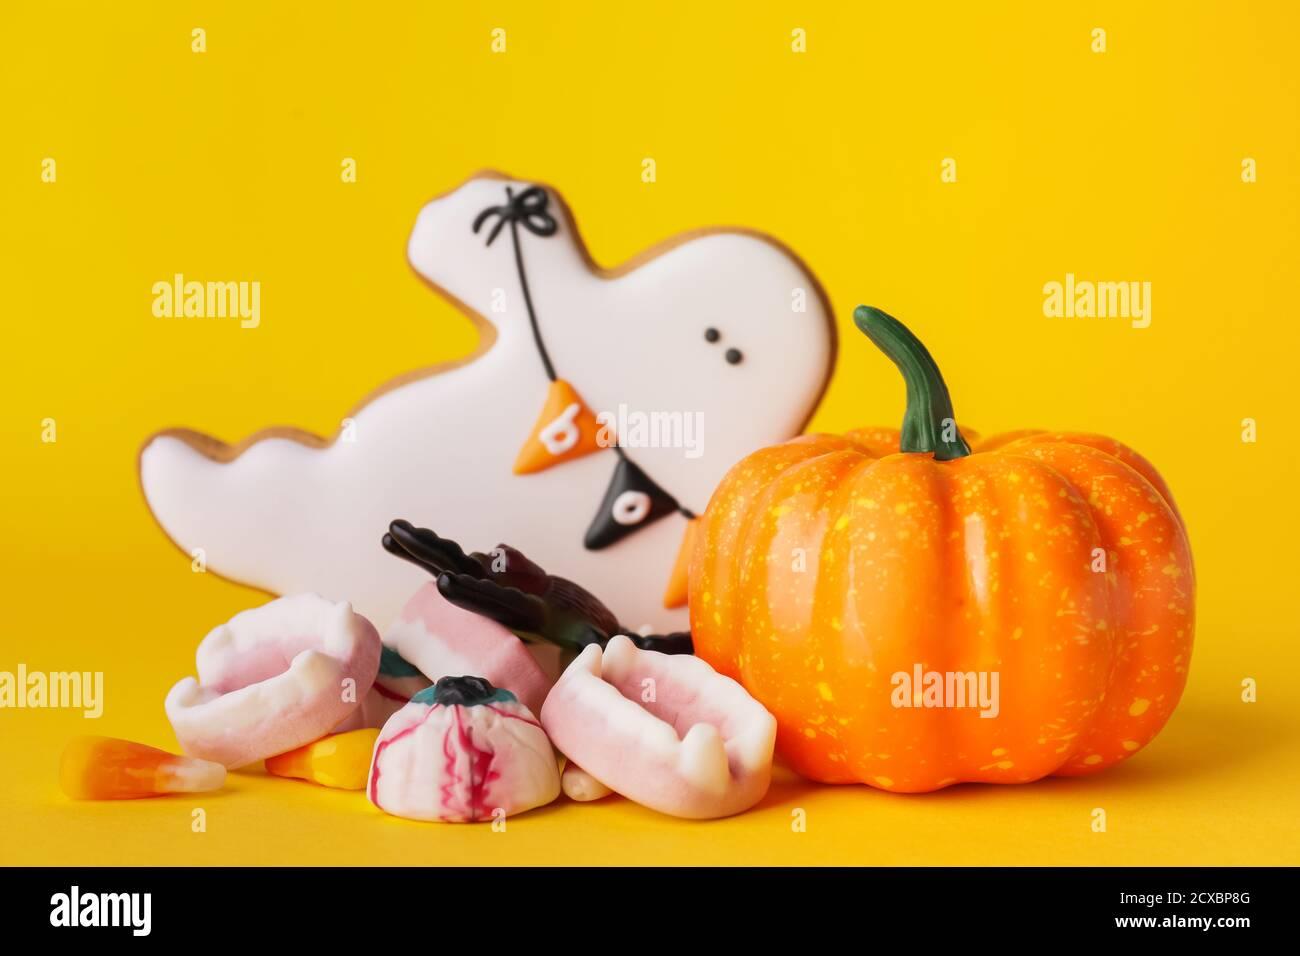 Leckere Leckereien für Halloween auf farbigem Hintergrund Stockfoto